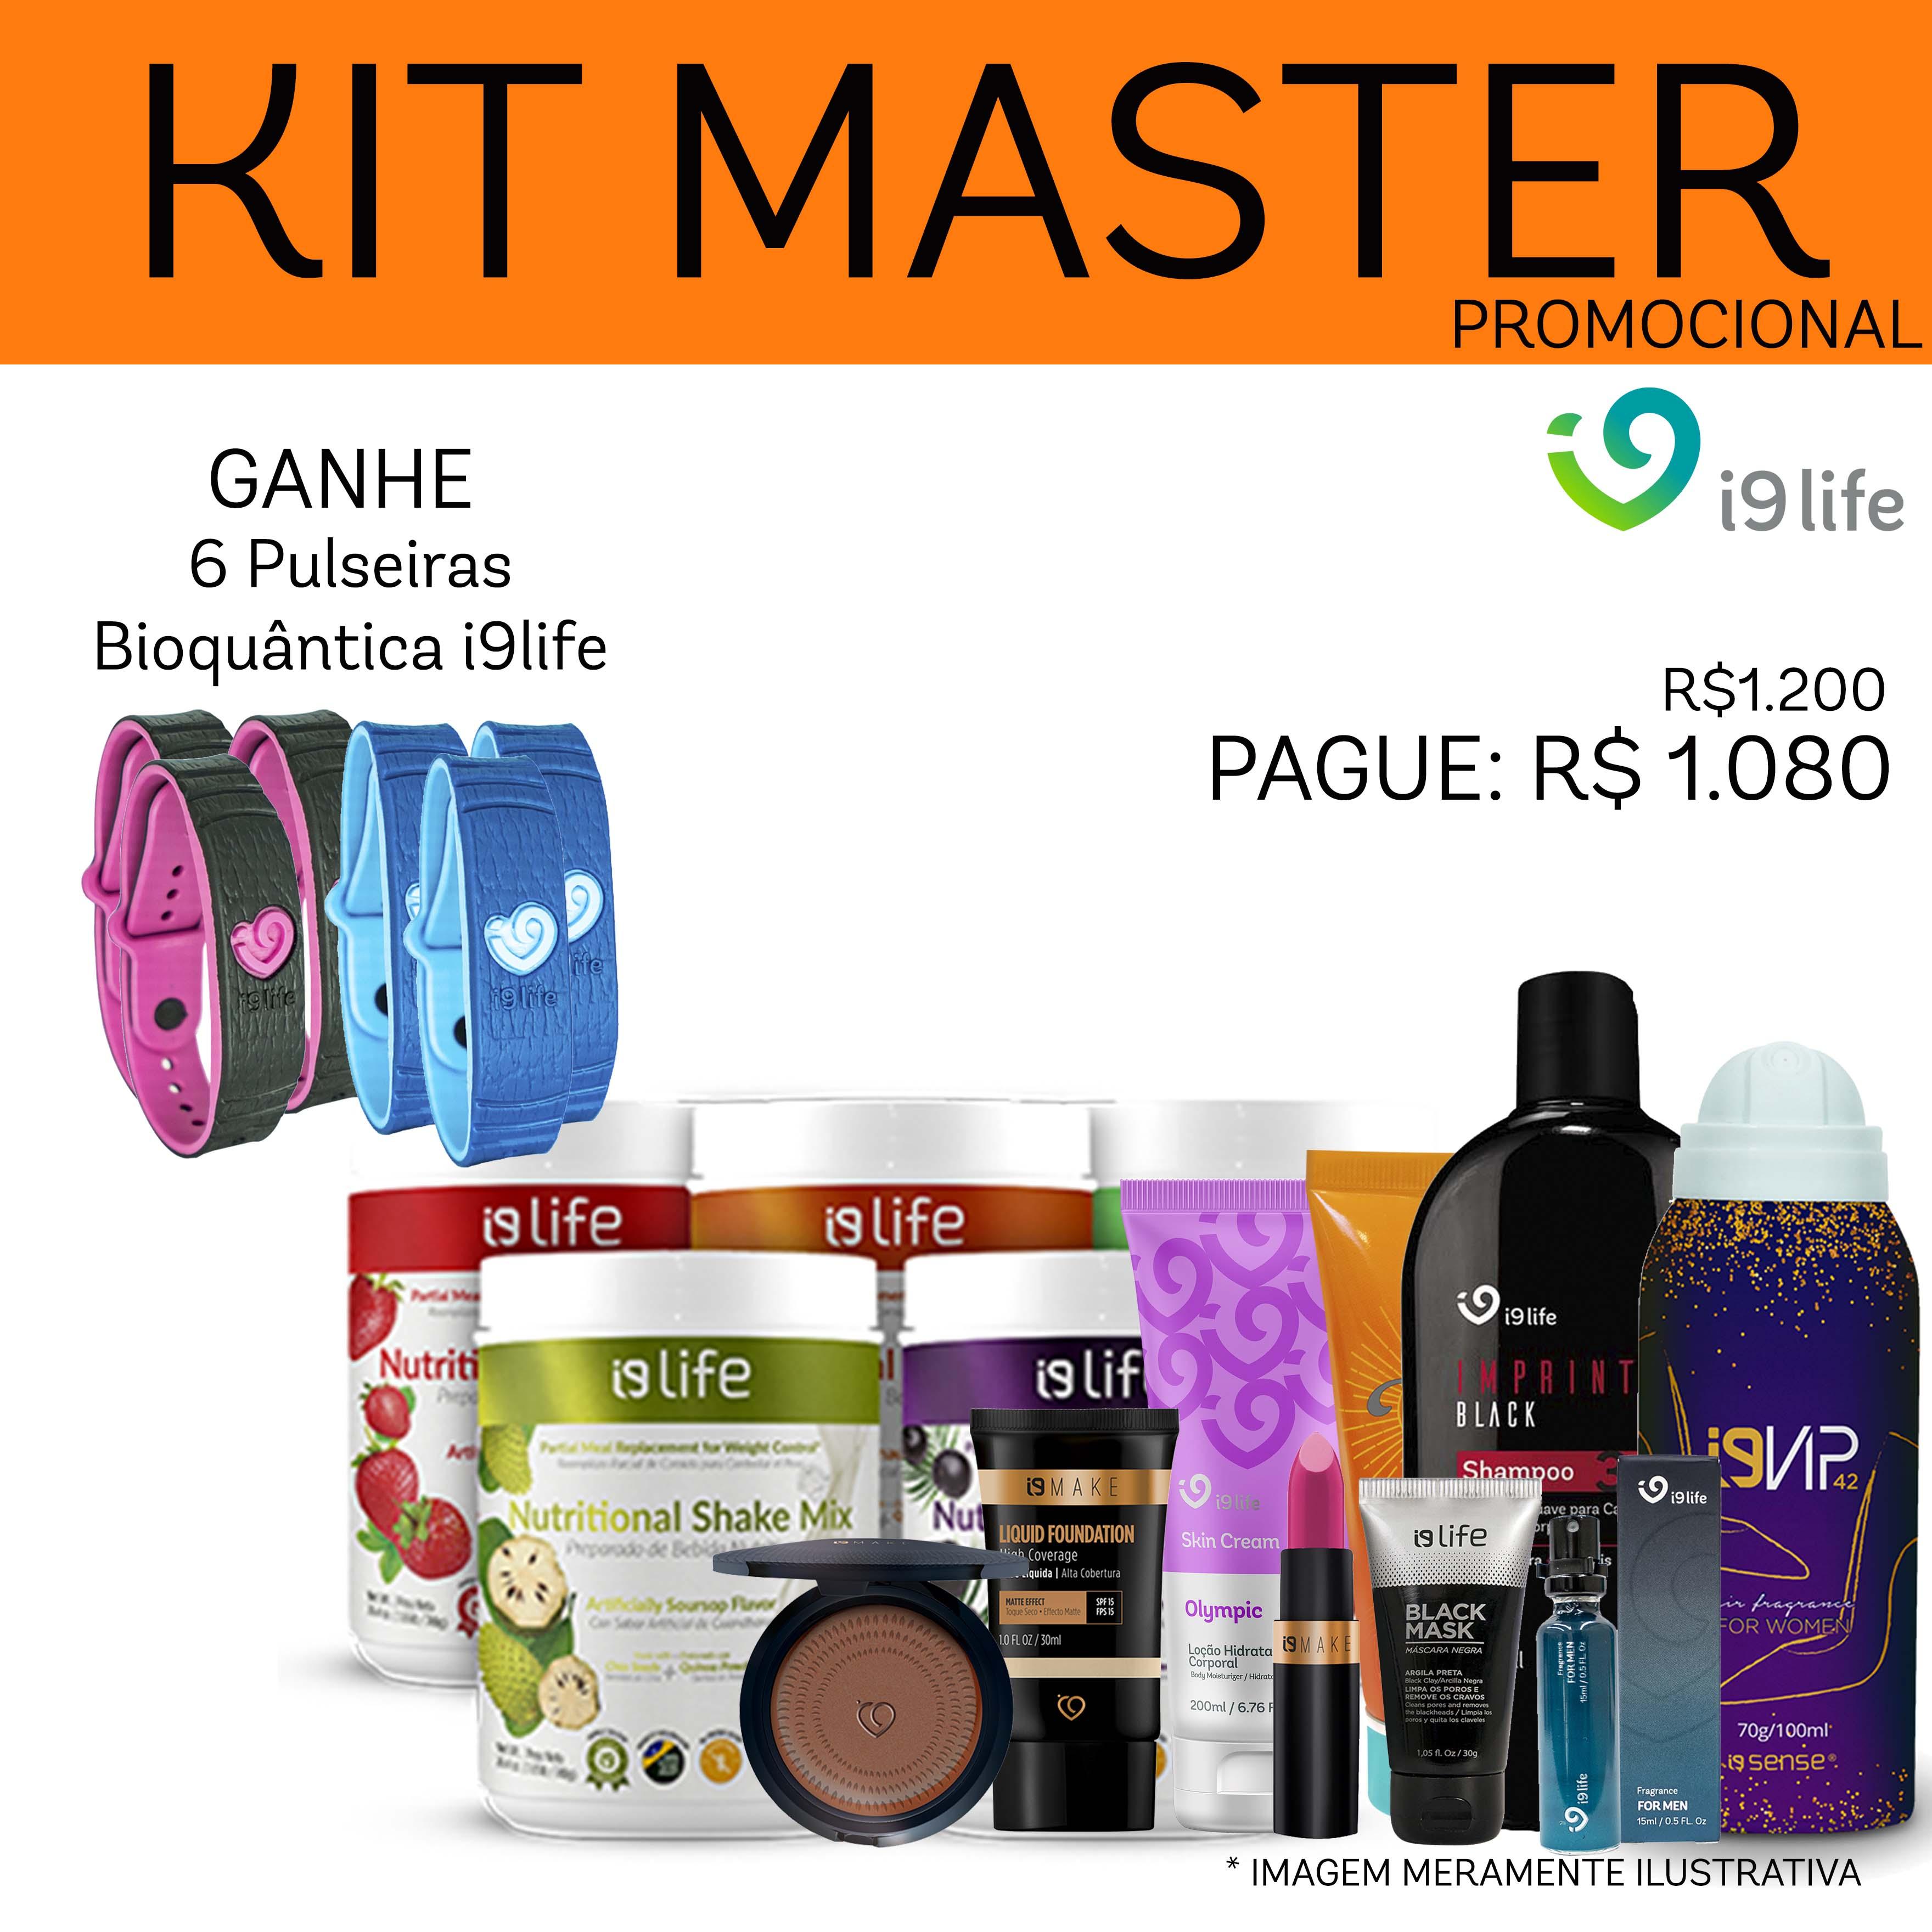 Fazer o Cadastro na I9life Global com Kit Master 4